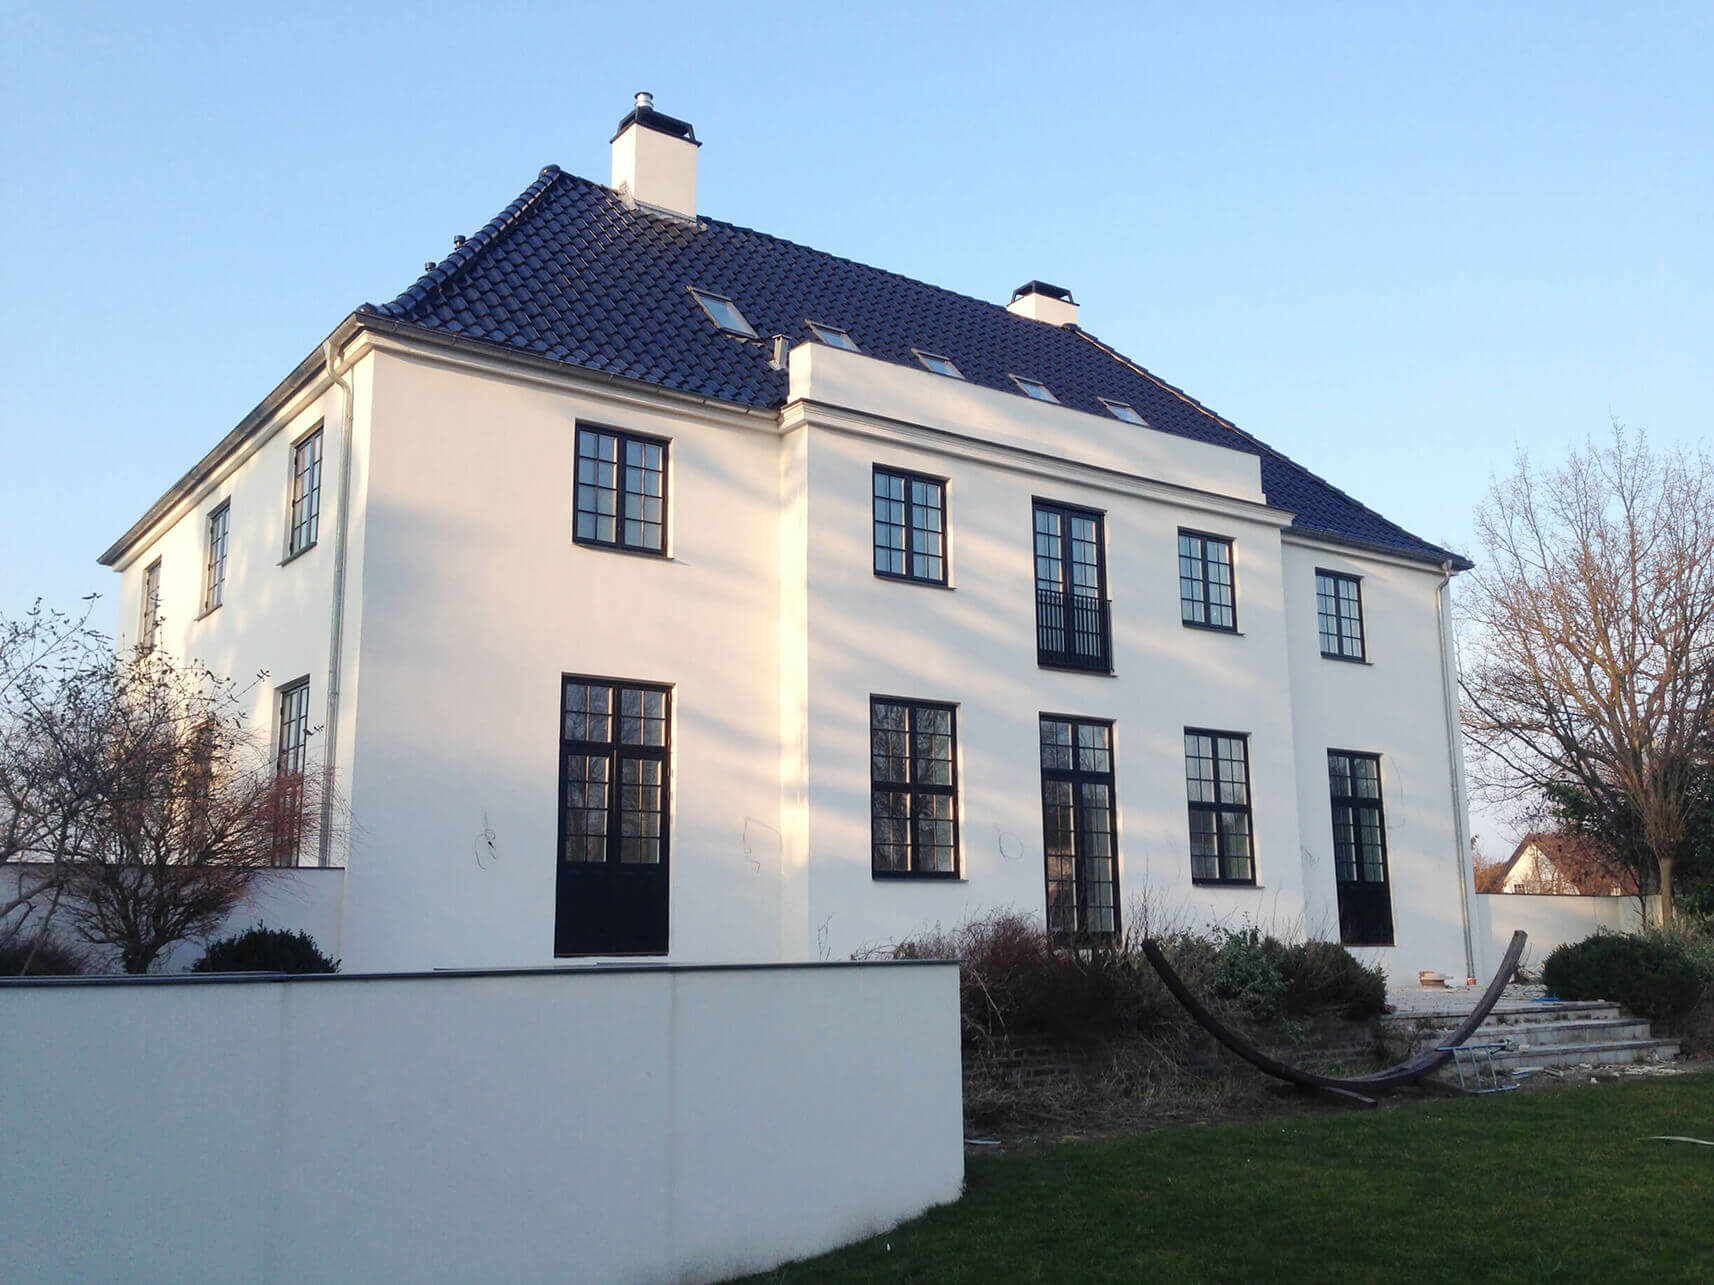 Stort hus med nypudset og isoleret hvid facade - Renoveret af Køge Bugt Facadeentreprise